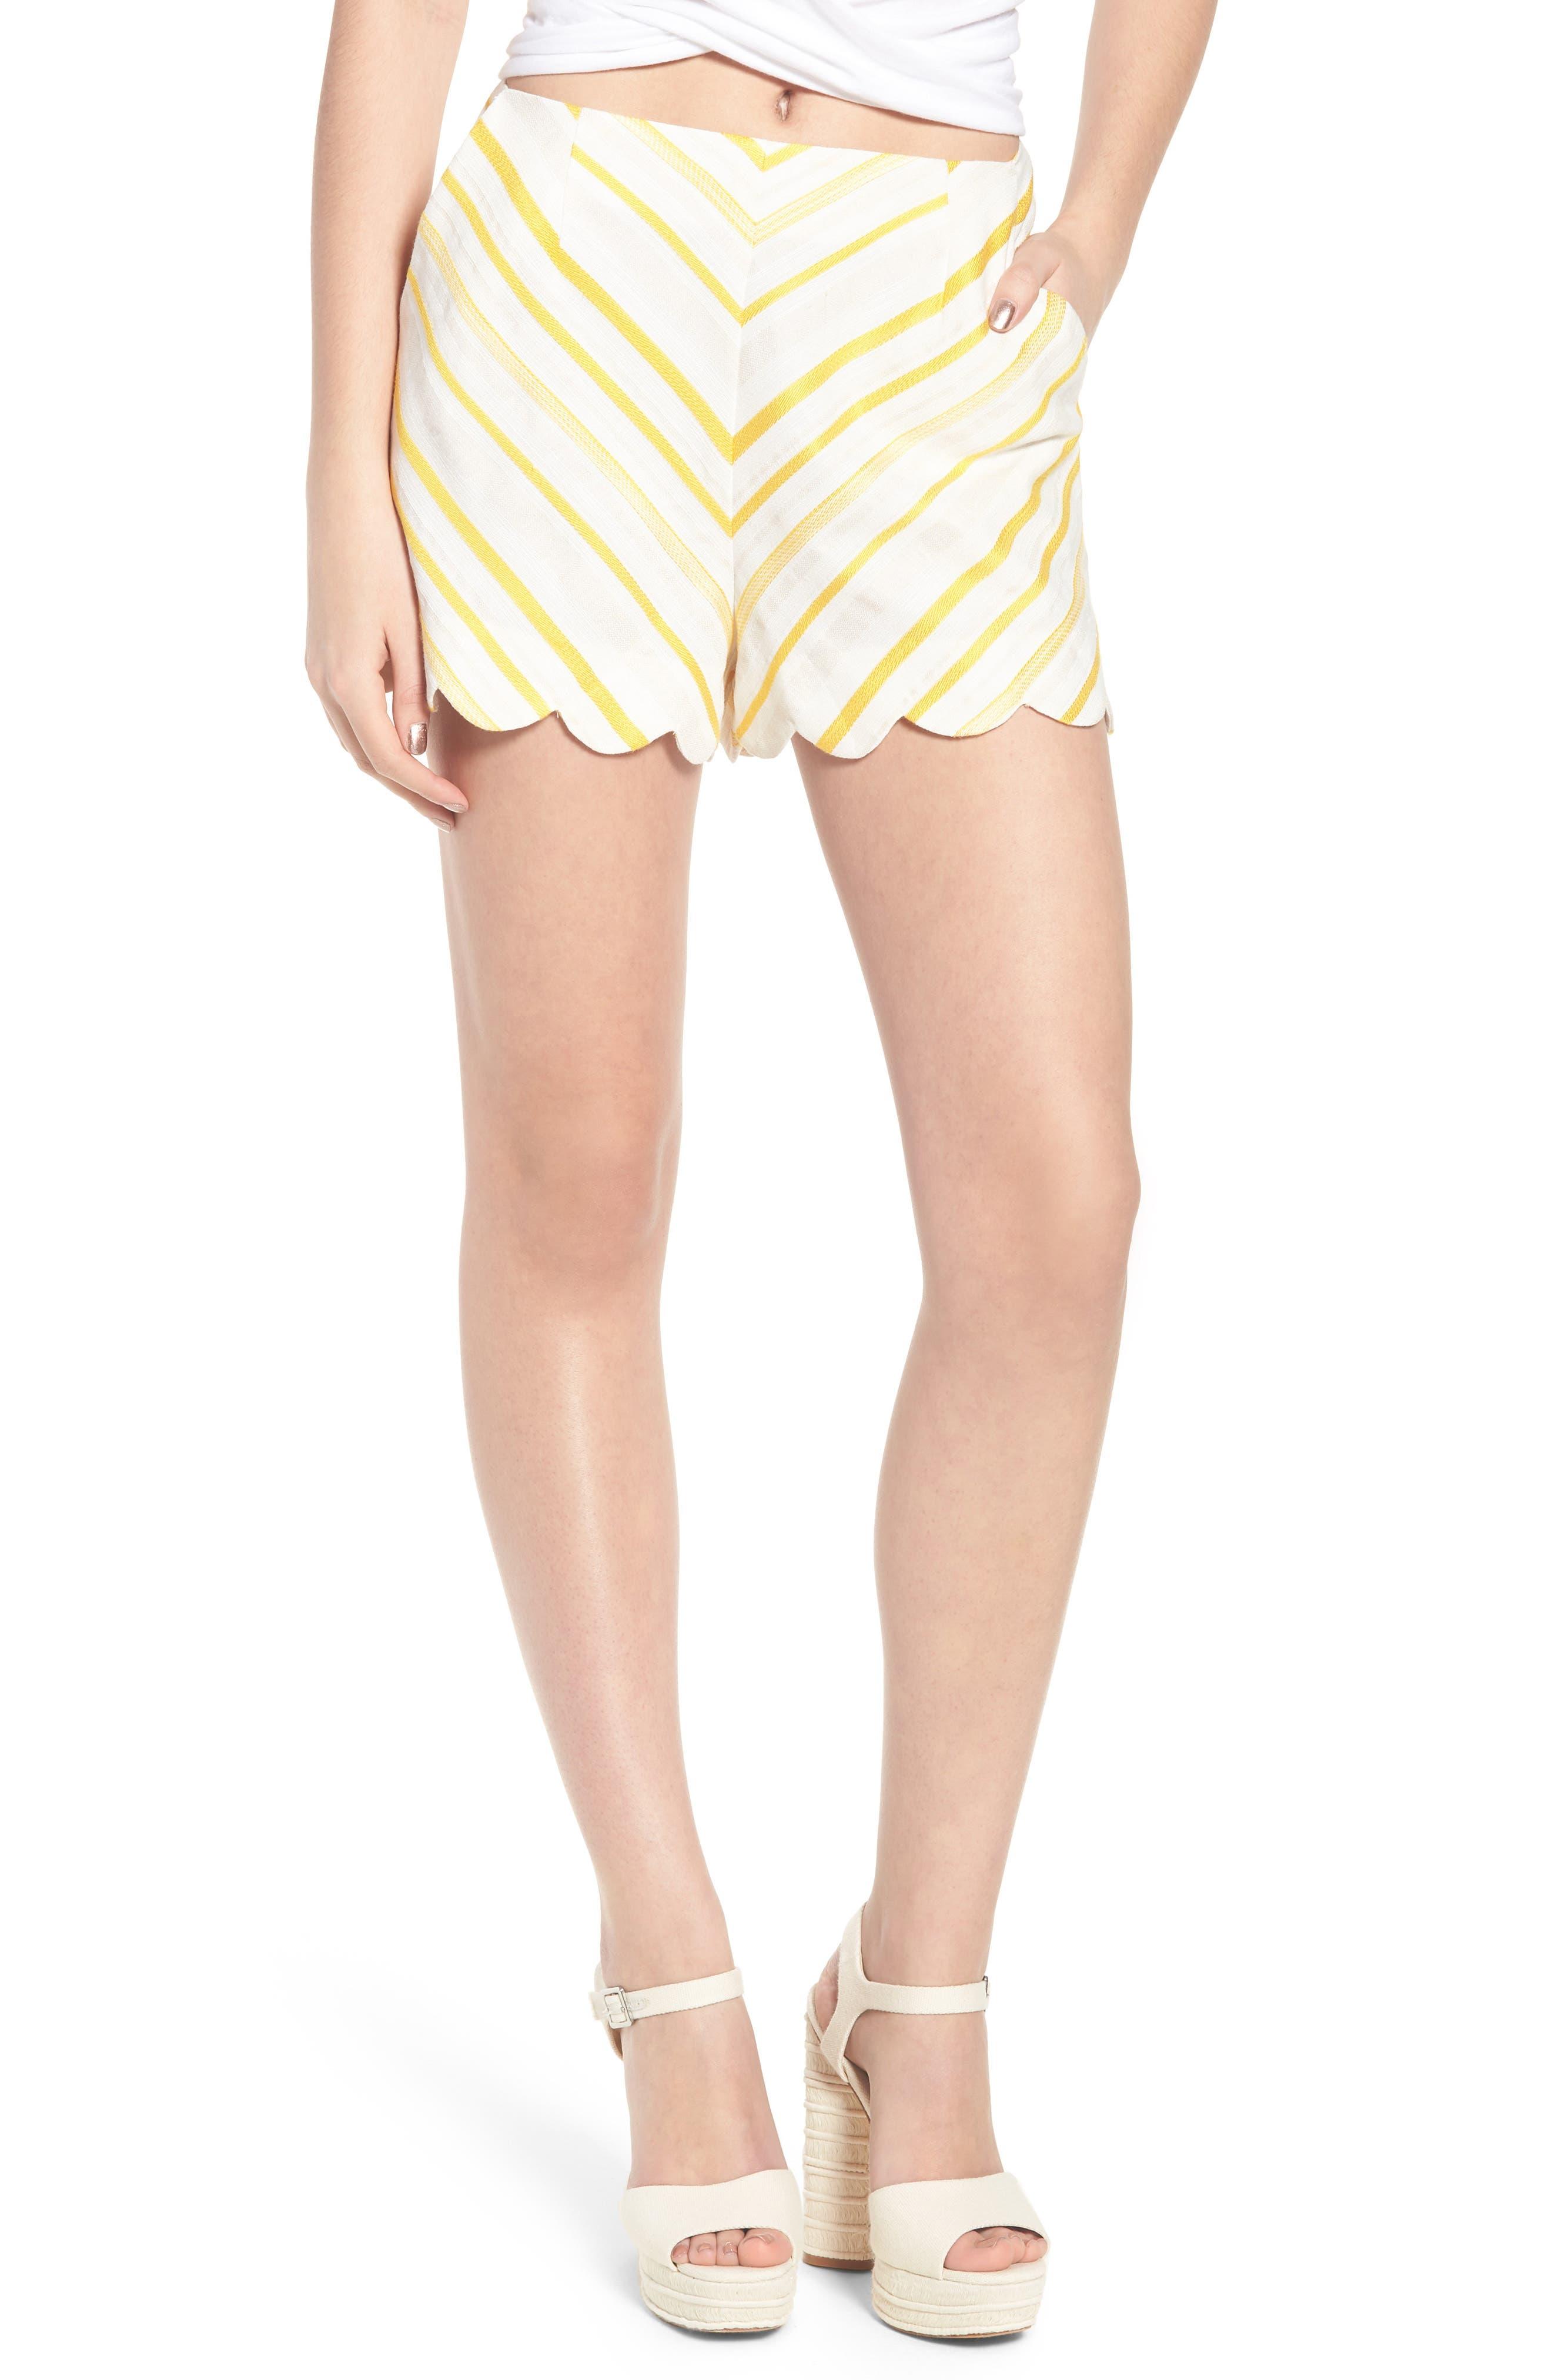 Scallop Shorts,                             Main thumbnail 1, color,                             Cream Yellow